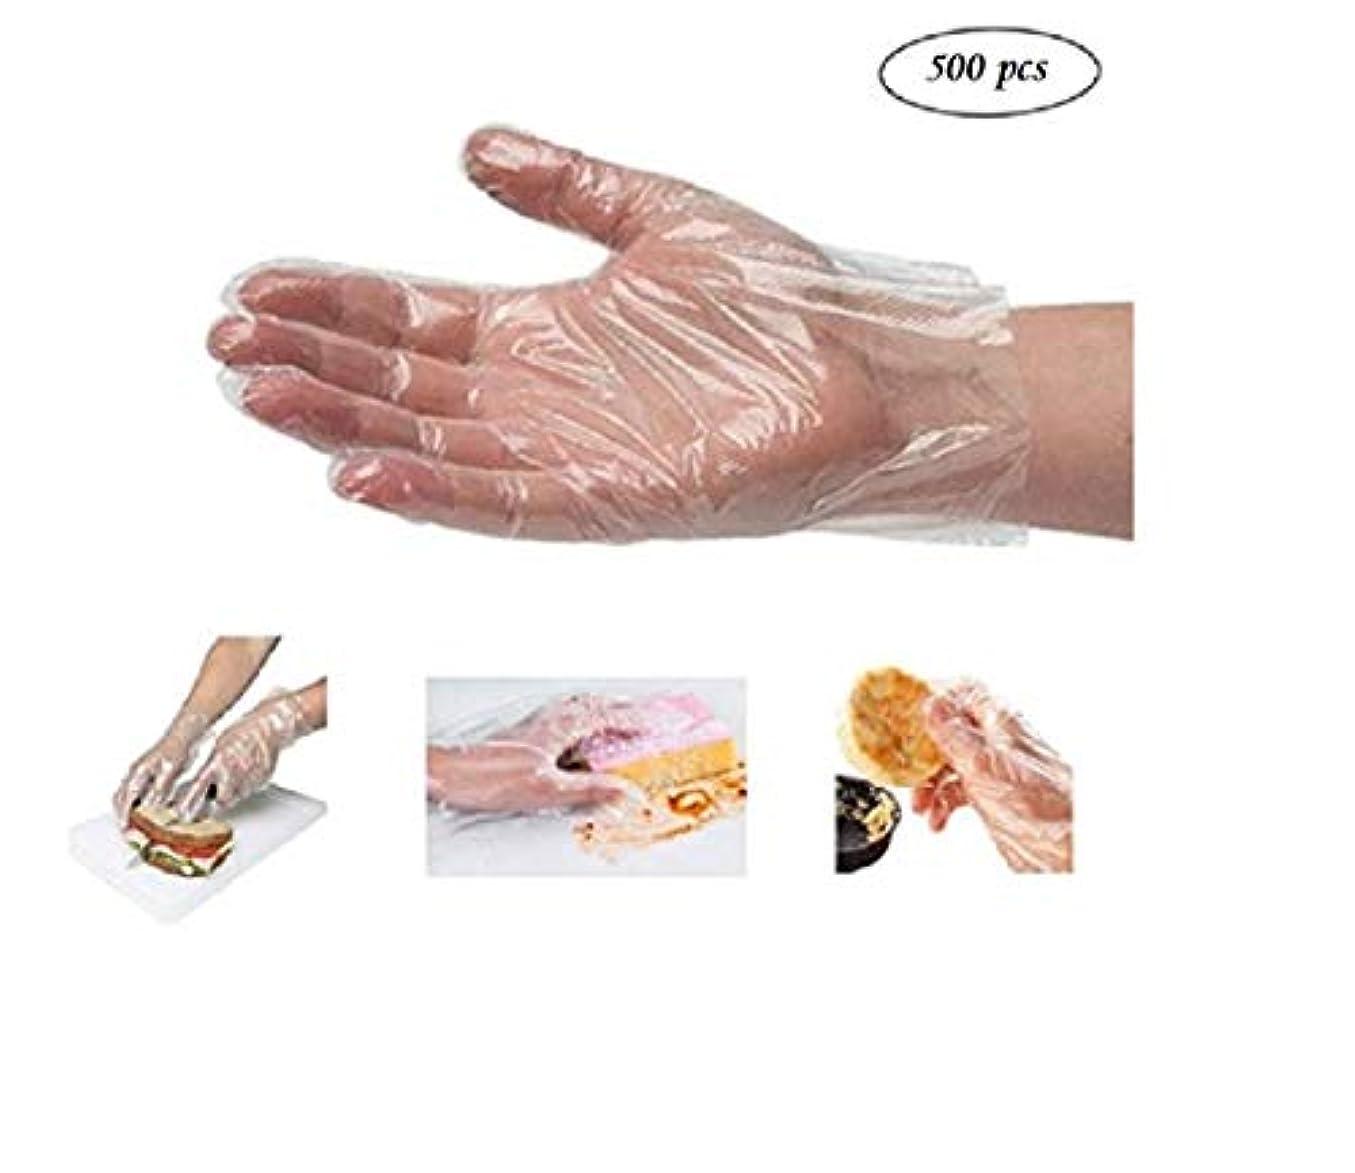 歴史スリッパハブ(5) - BYP Clear Disposable Plastic High Density Polyethylene Gloves Sterile Disposable Safety Gloves(500 Sheets...